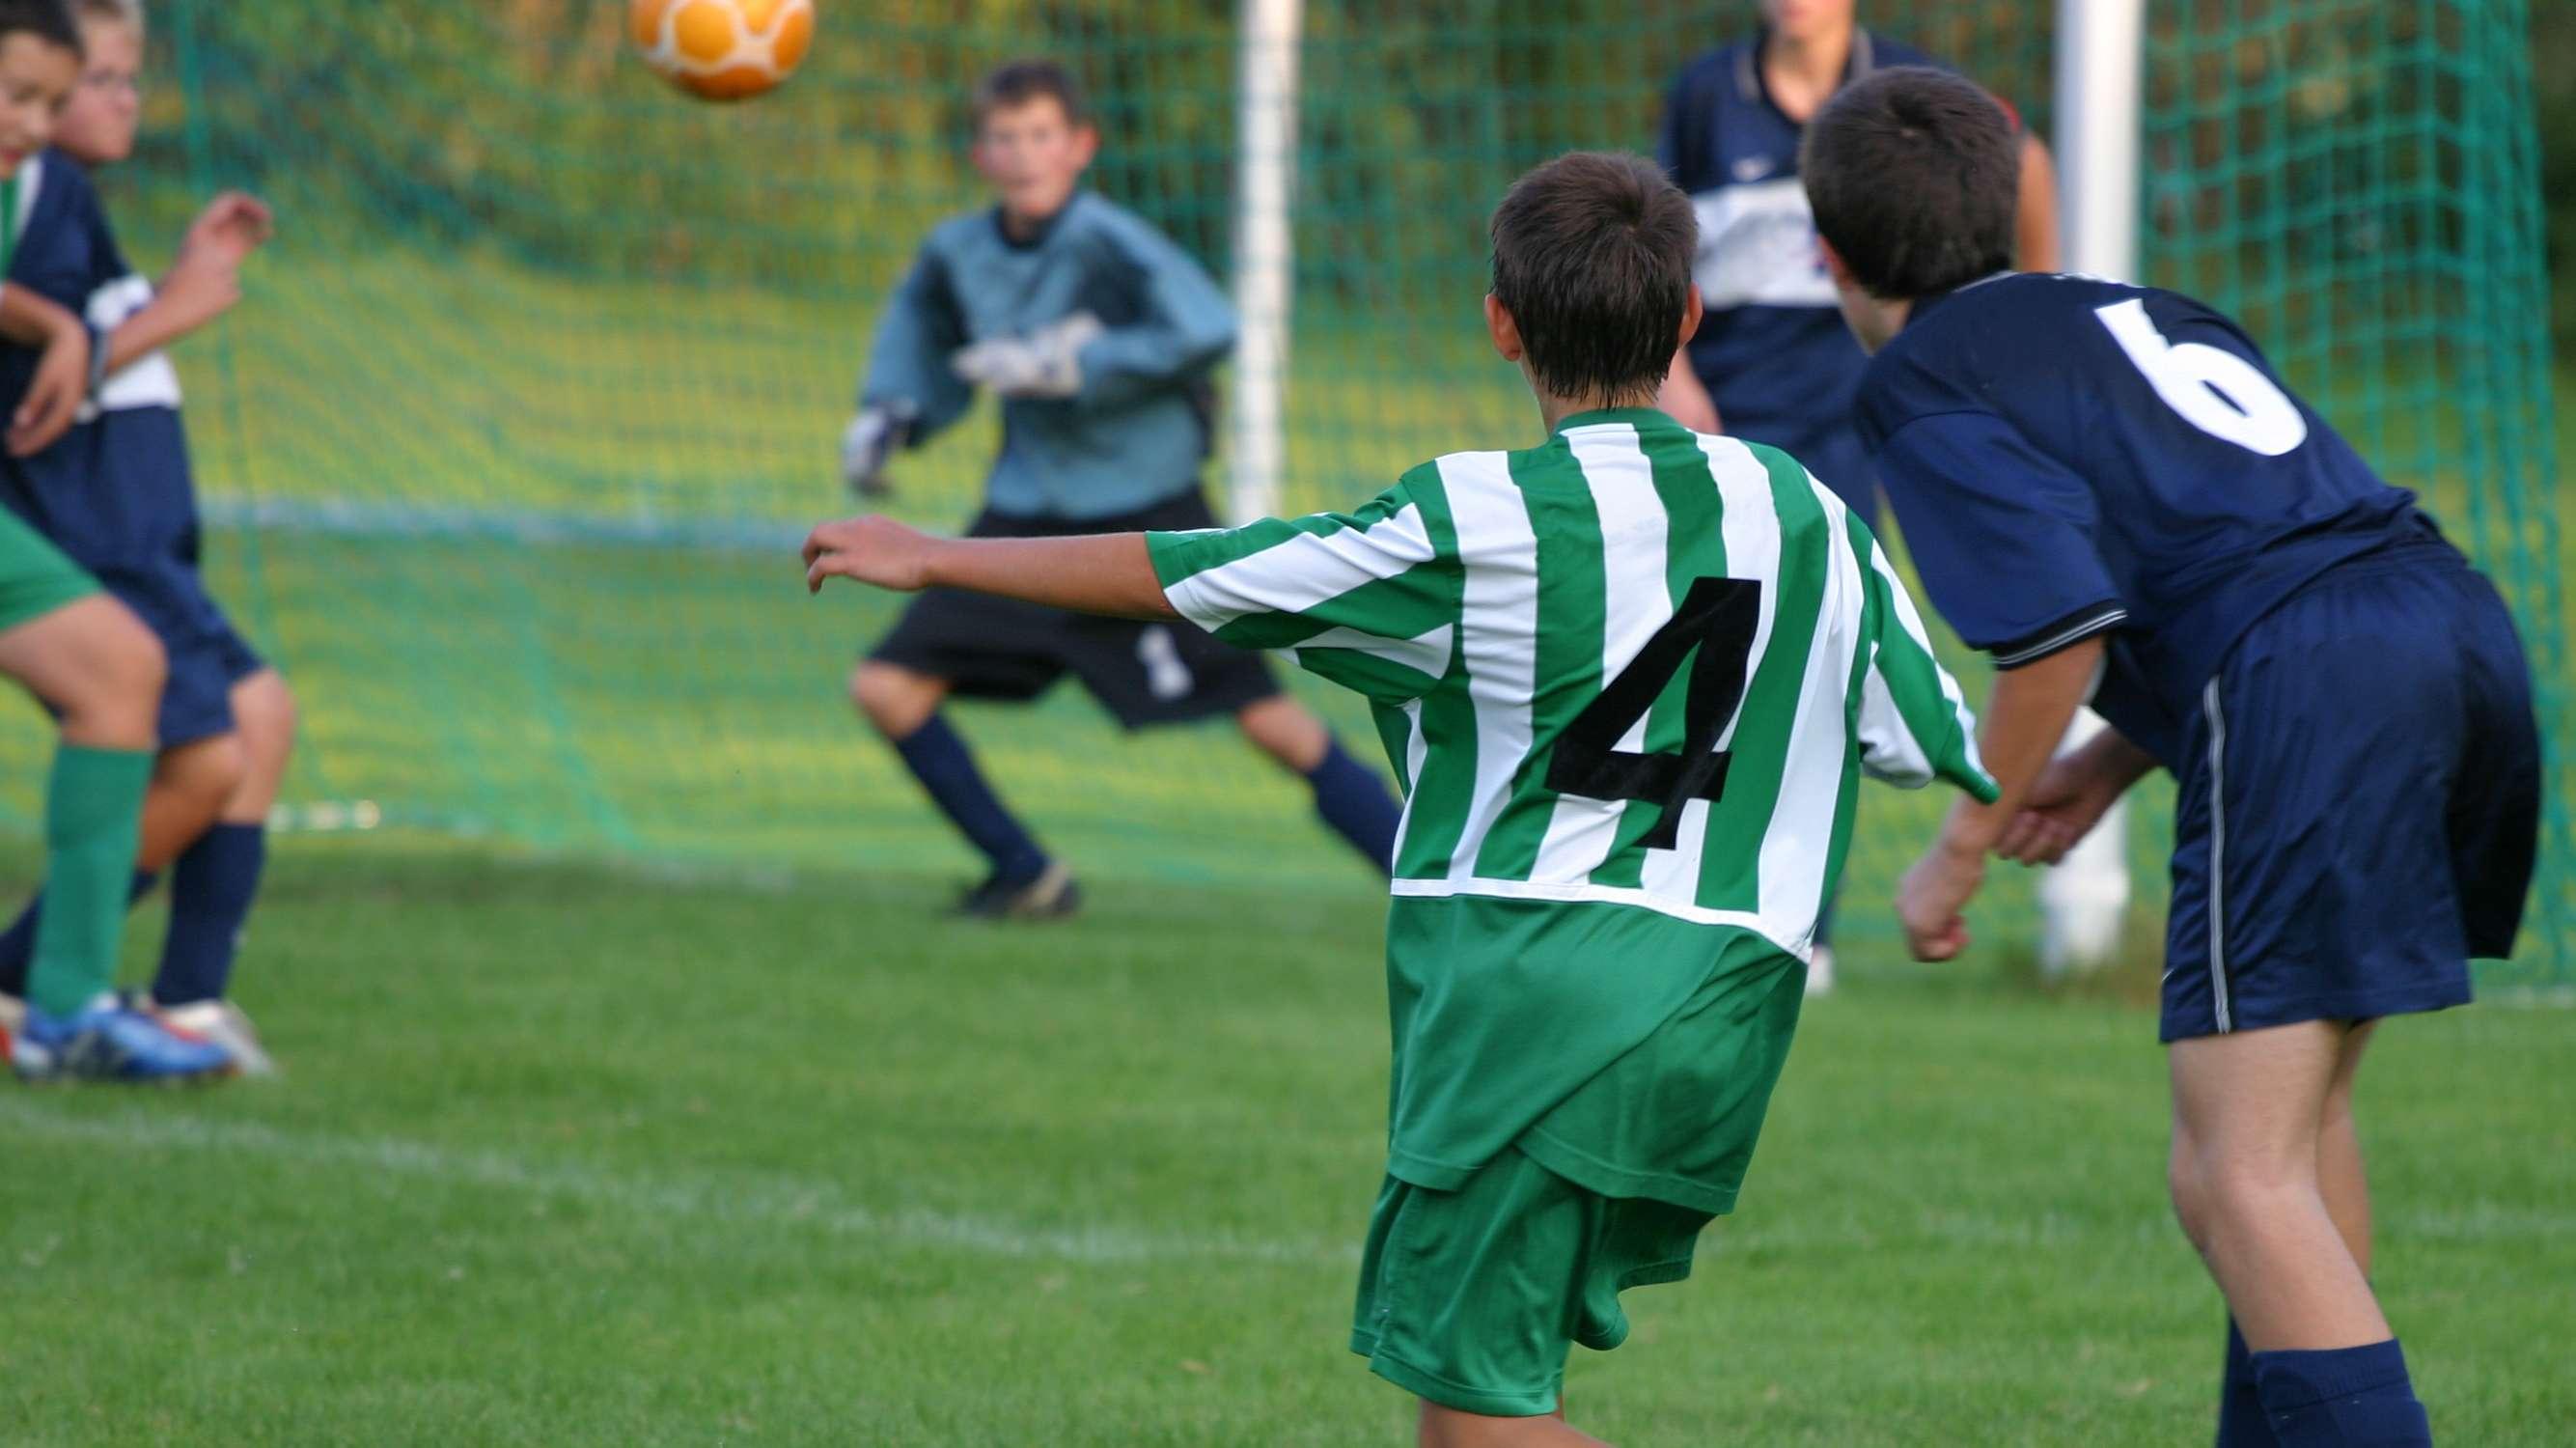 Jugendliche spielen Fußball